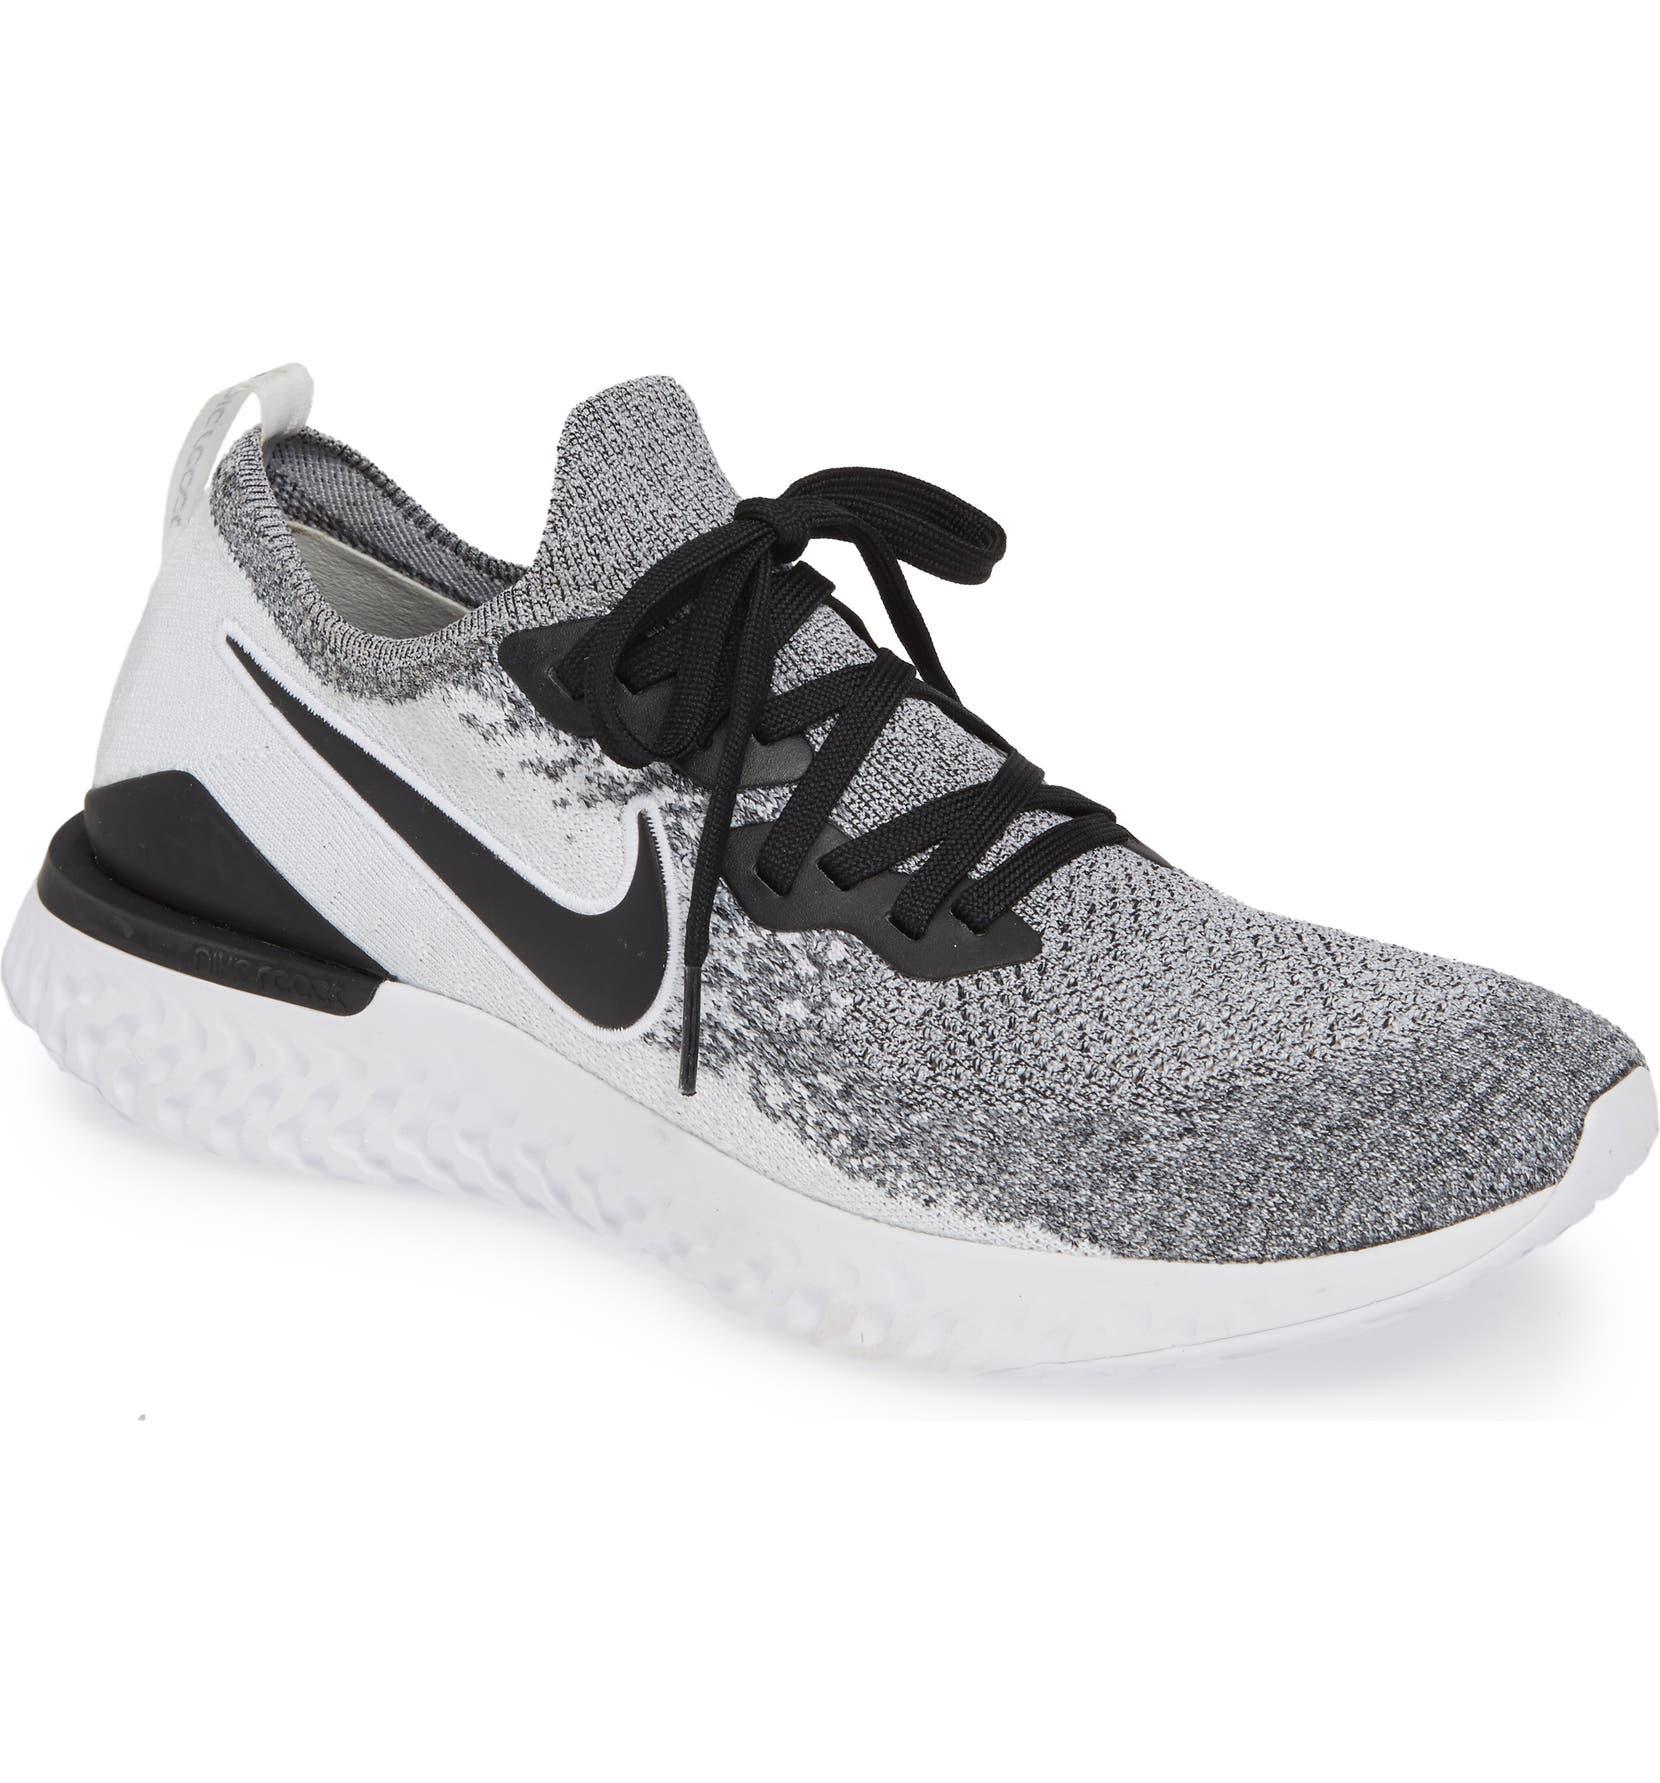 abc396f81 Nike Epic React Flyknit 2 Running Shoe (Men) (Regular Retail Price: $150) |  Nordstrom